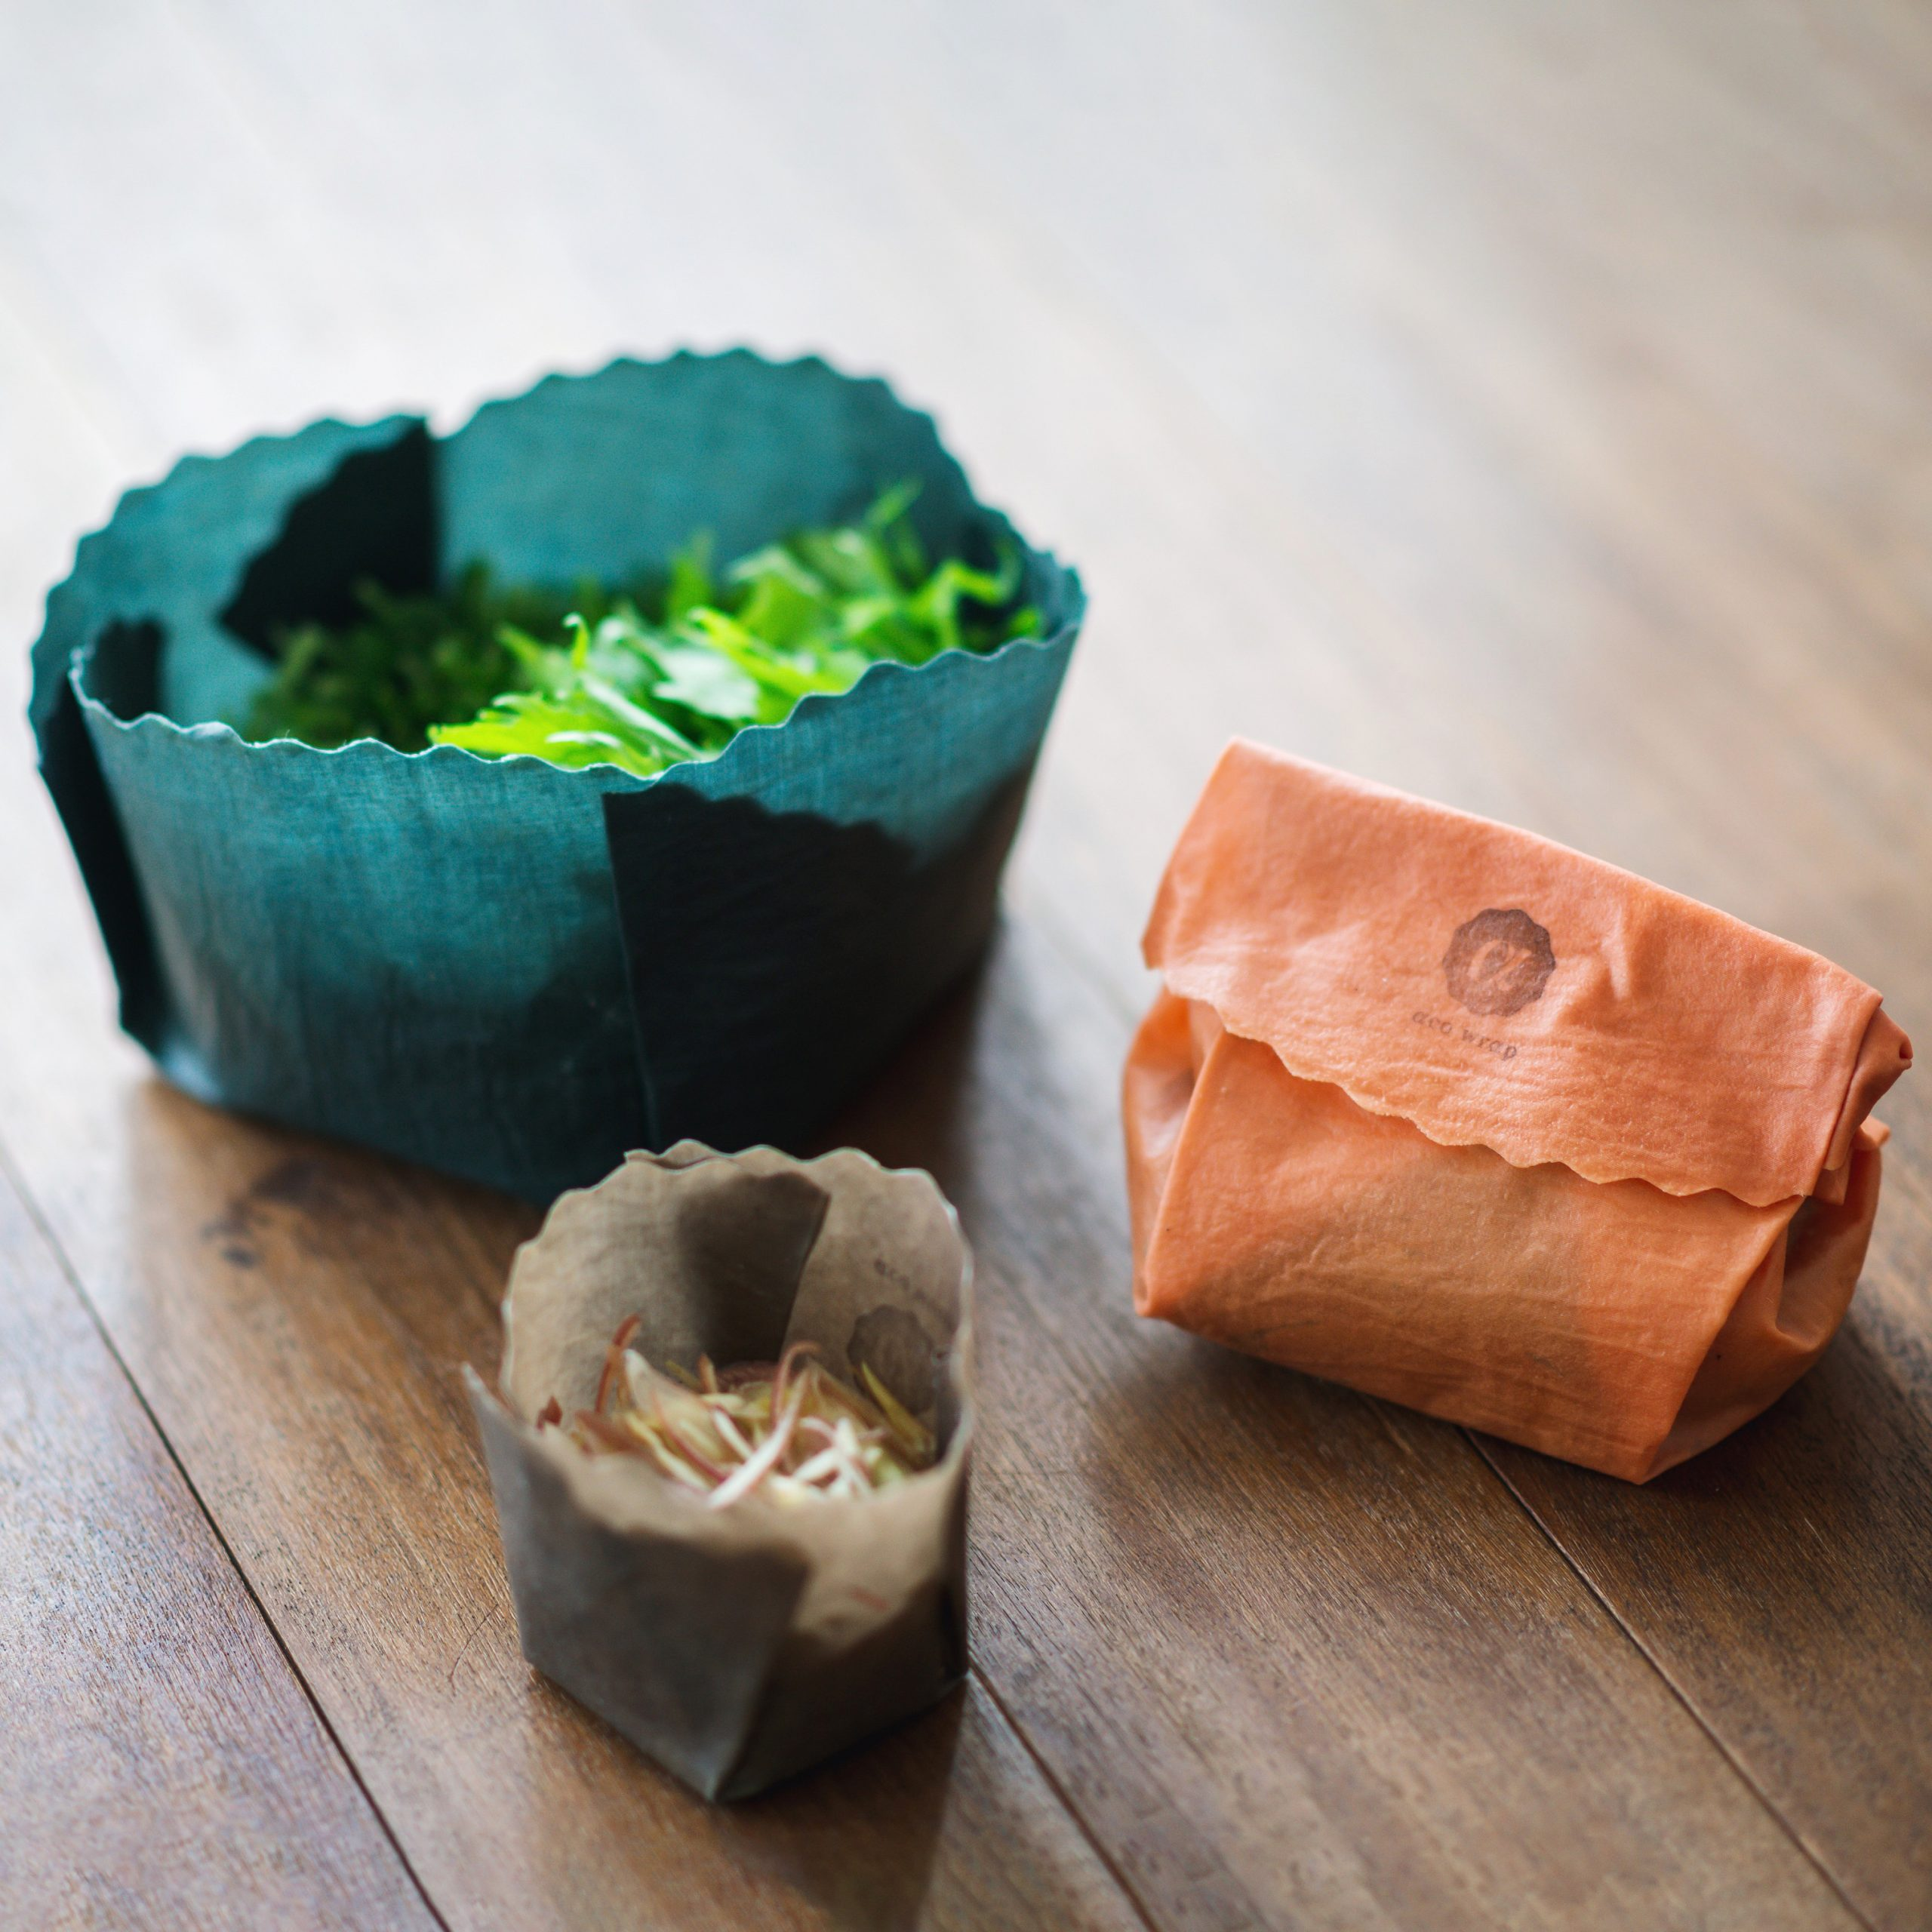 エコラップバッグに入った野菜